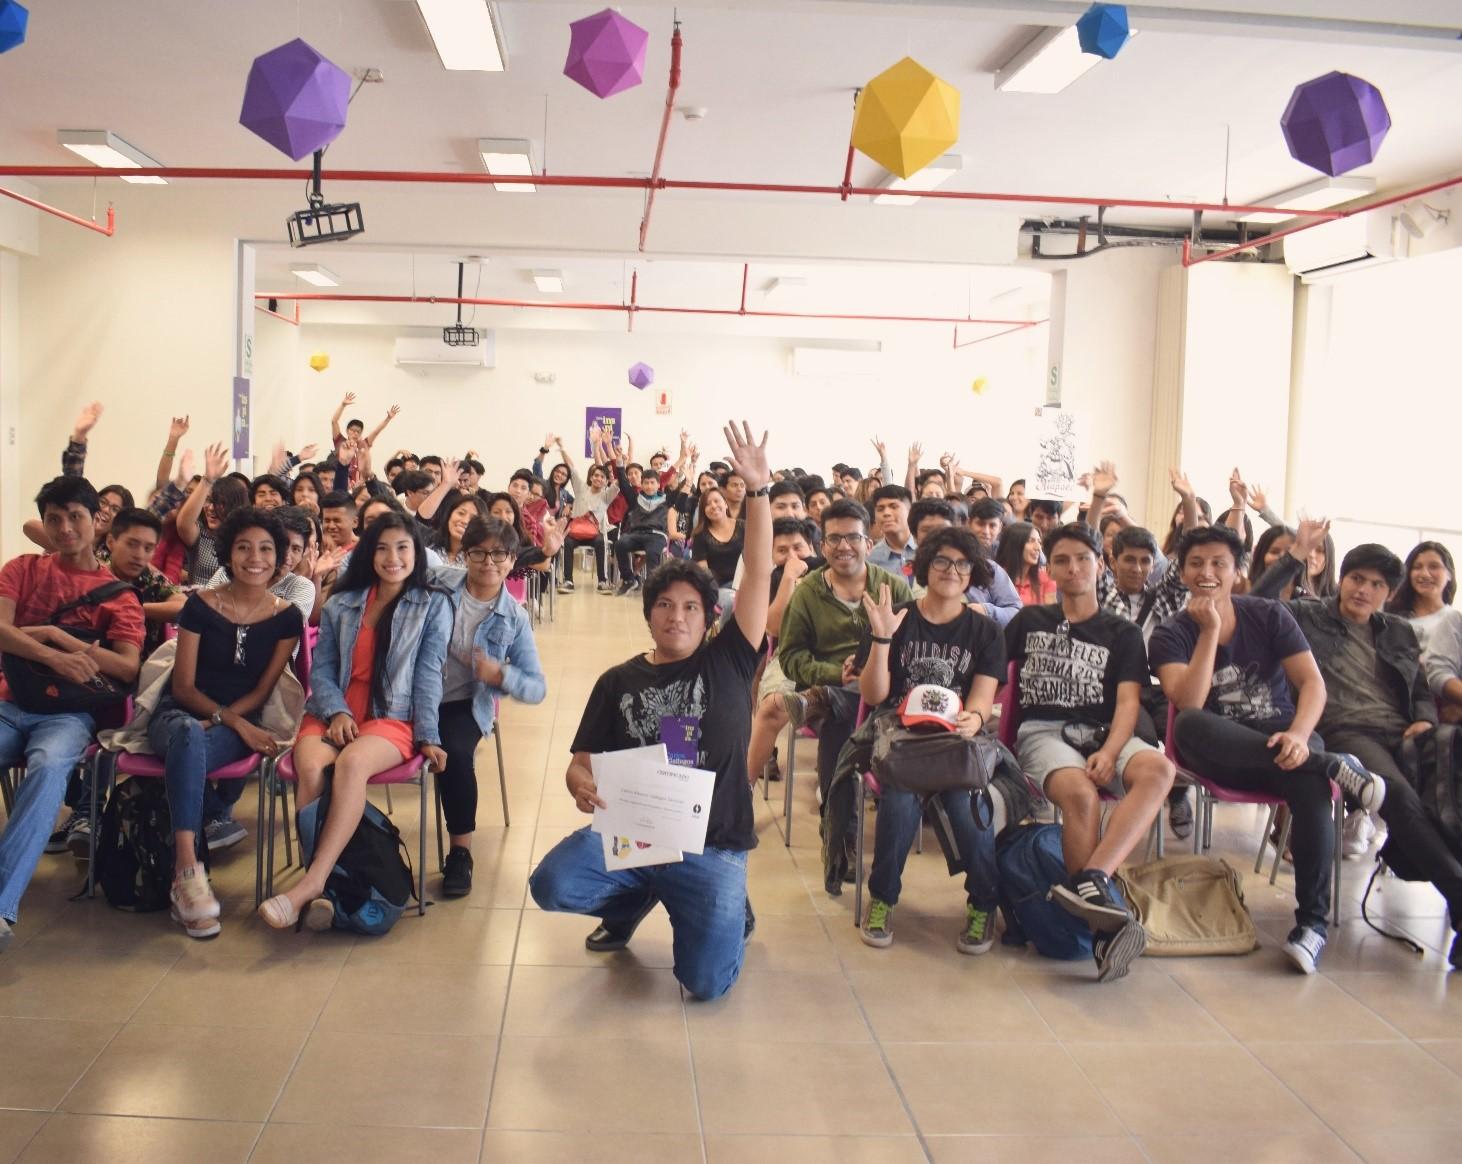 Carlos Gallegos y Noxhassen: Emprendimiento que busca difundir la identidad peruana mediante sus creaciones